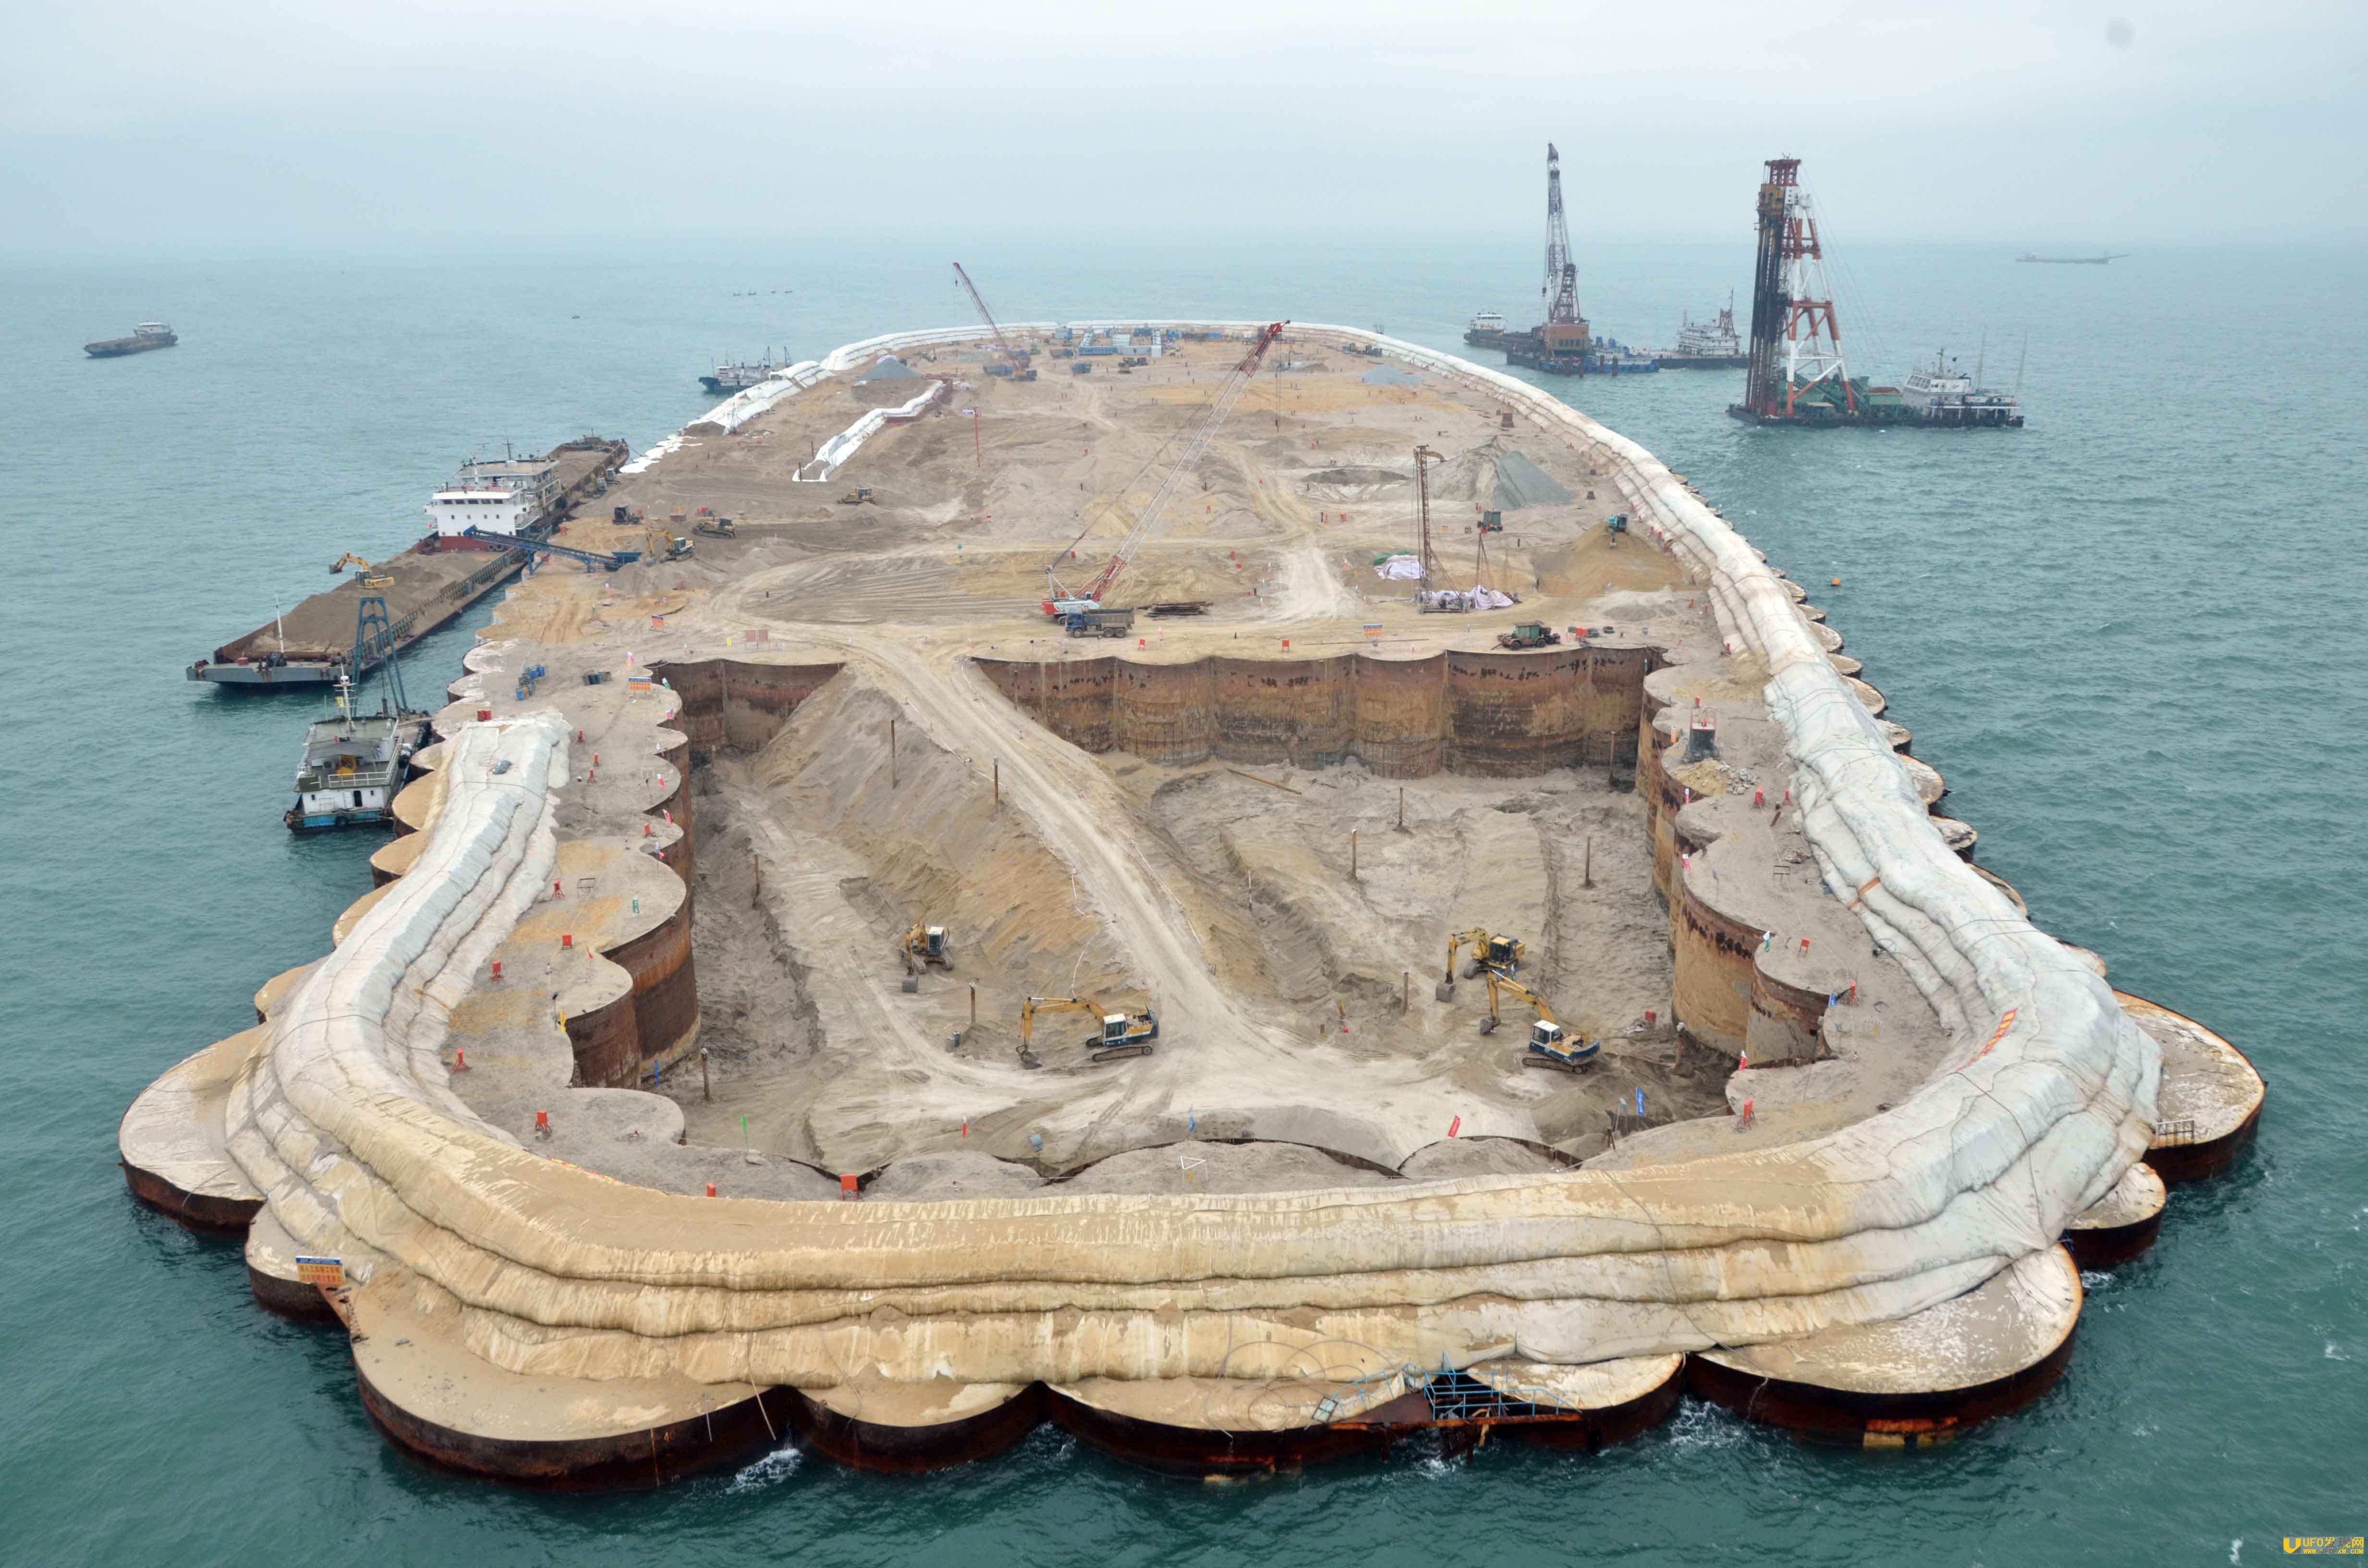 港珠澳大桥是谁投资的 烂尾后几百年也收不回成本 2